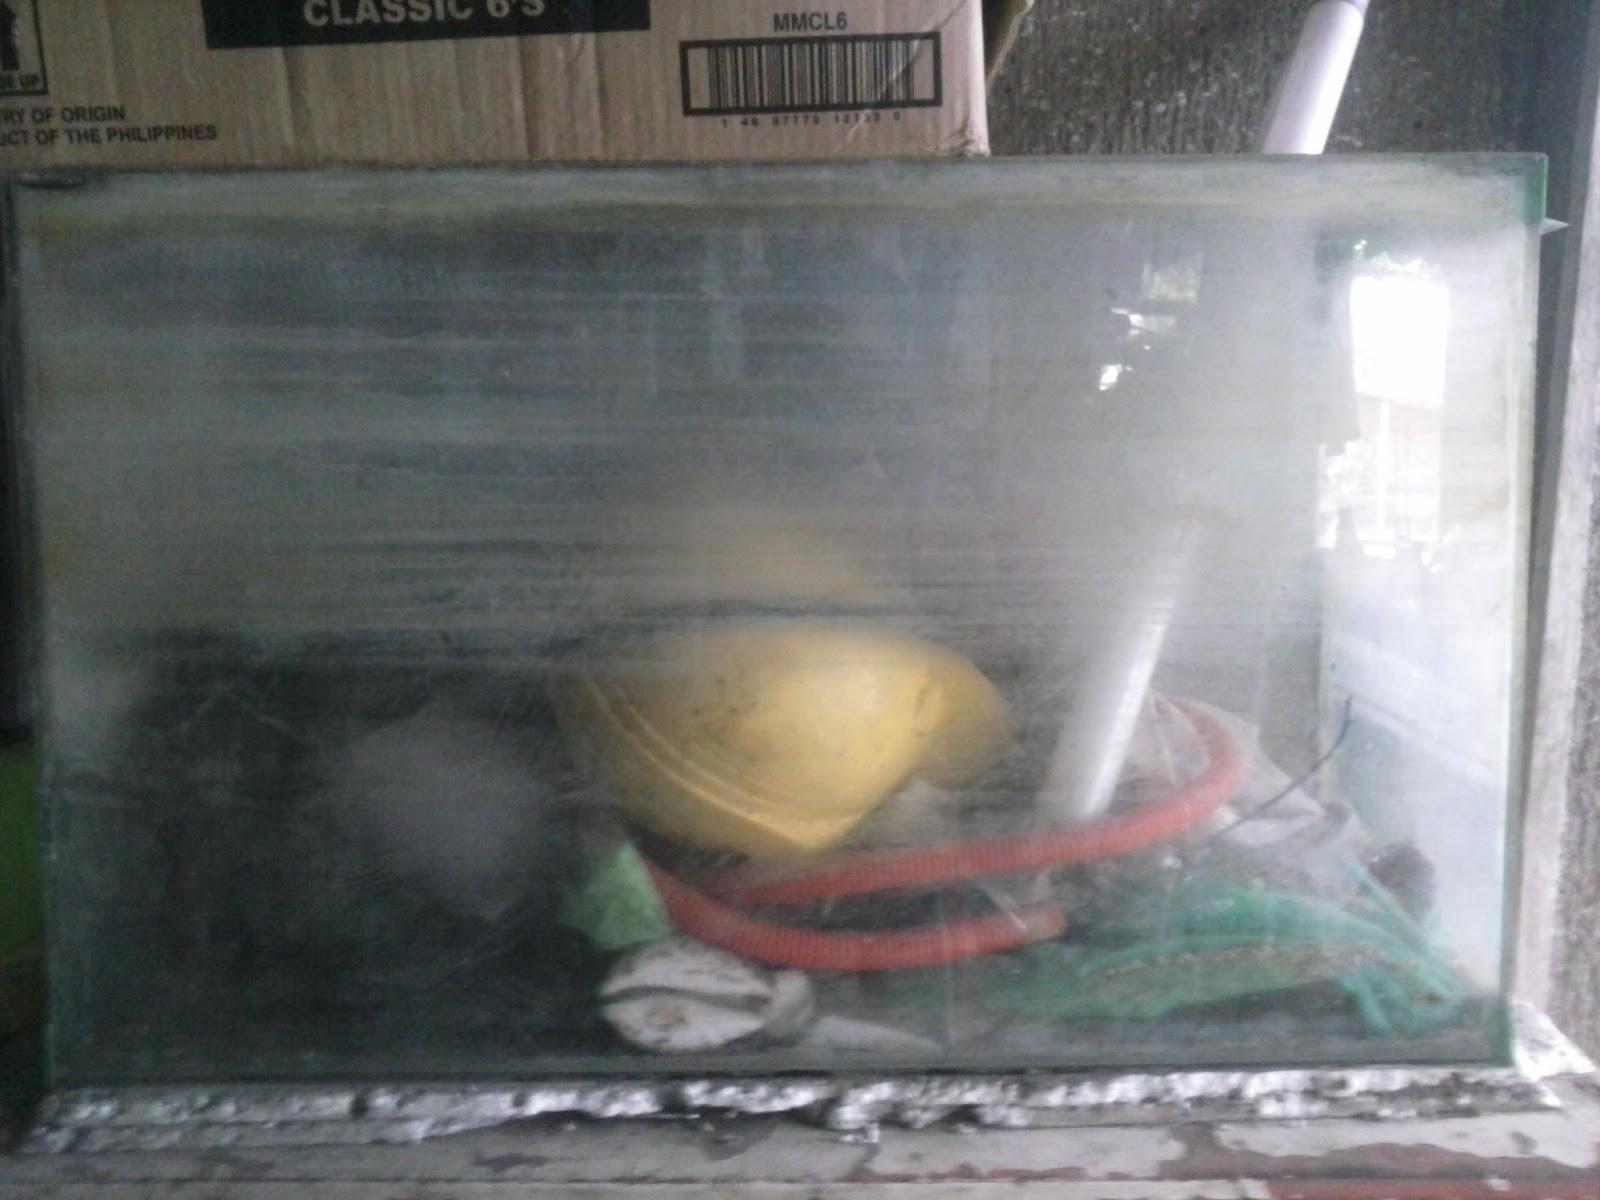 Cleaning Aquarium Glass | Aquarium Academy